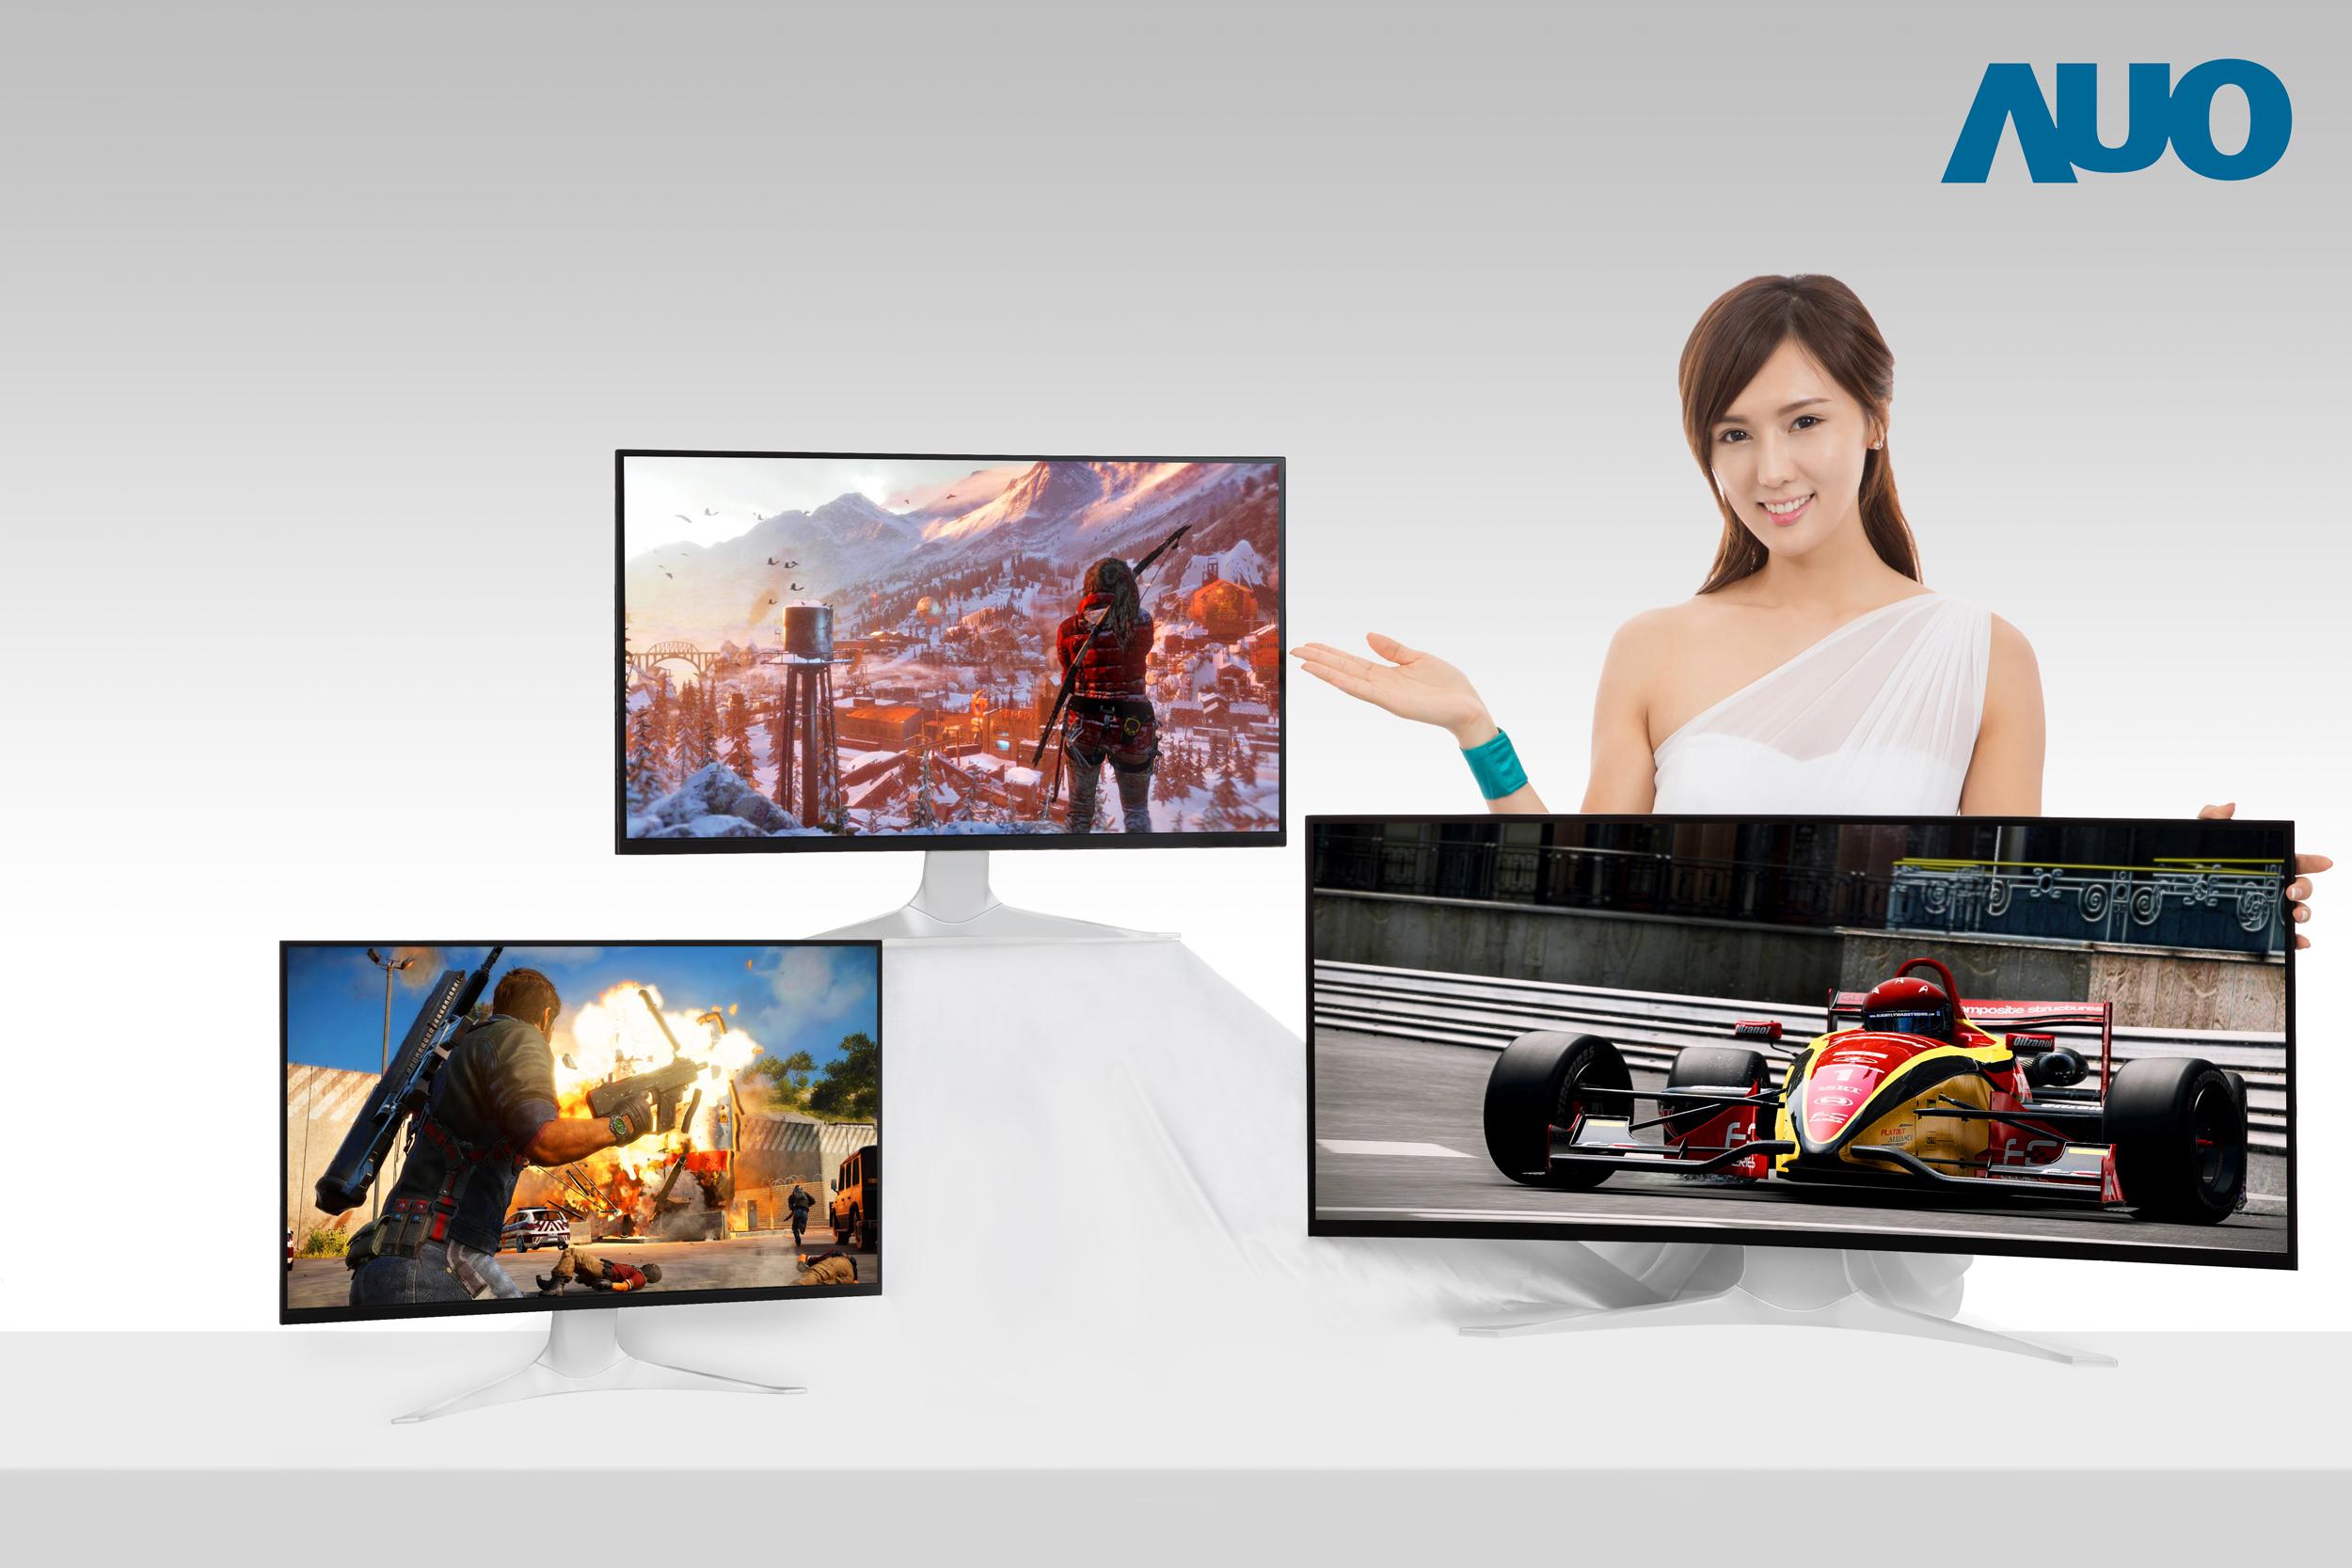 Displays: 120 Hz für Notebooks, weniger Rand für Smartphones und TVs - 25-, 27- und 35-Zoll-Panels mit 240 Hz, 144 Hz und 1800R-Curved-Design (Bild: AU Optronics)